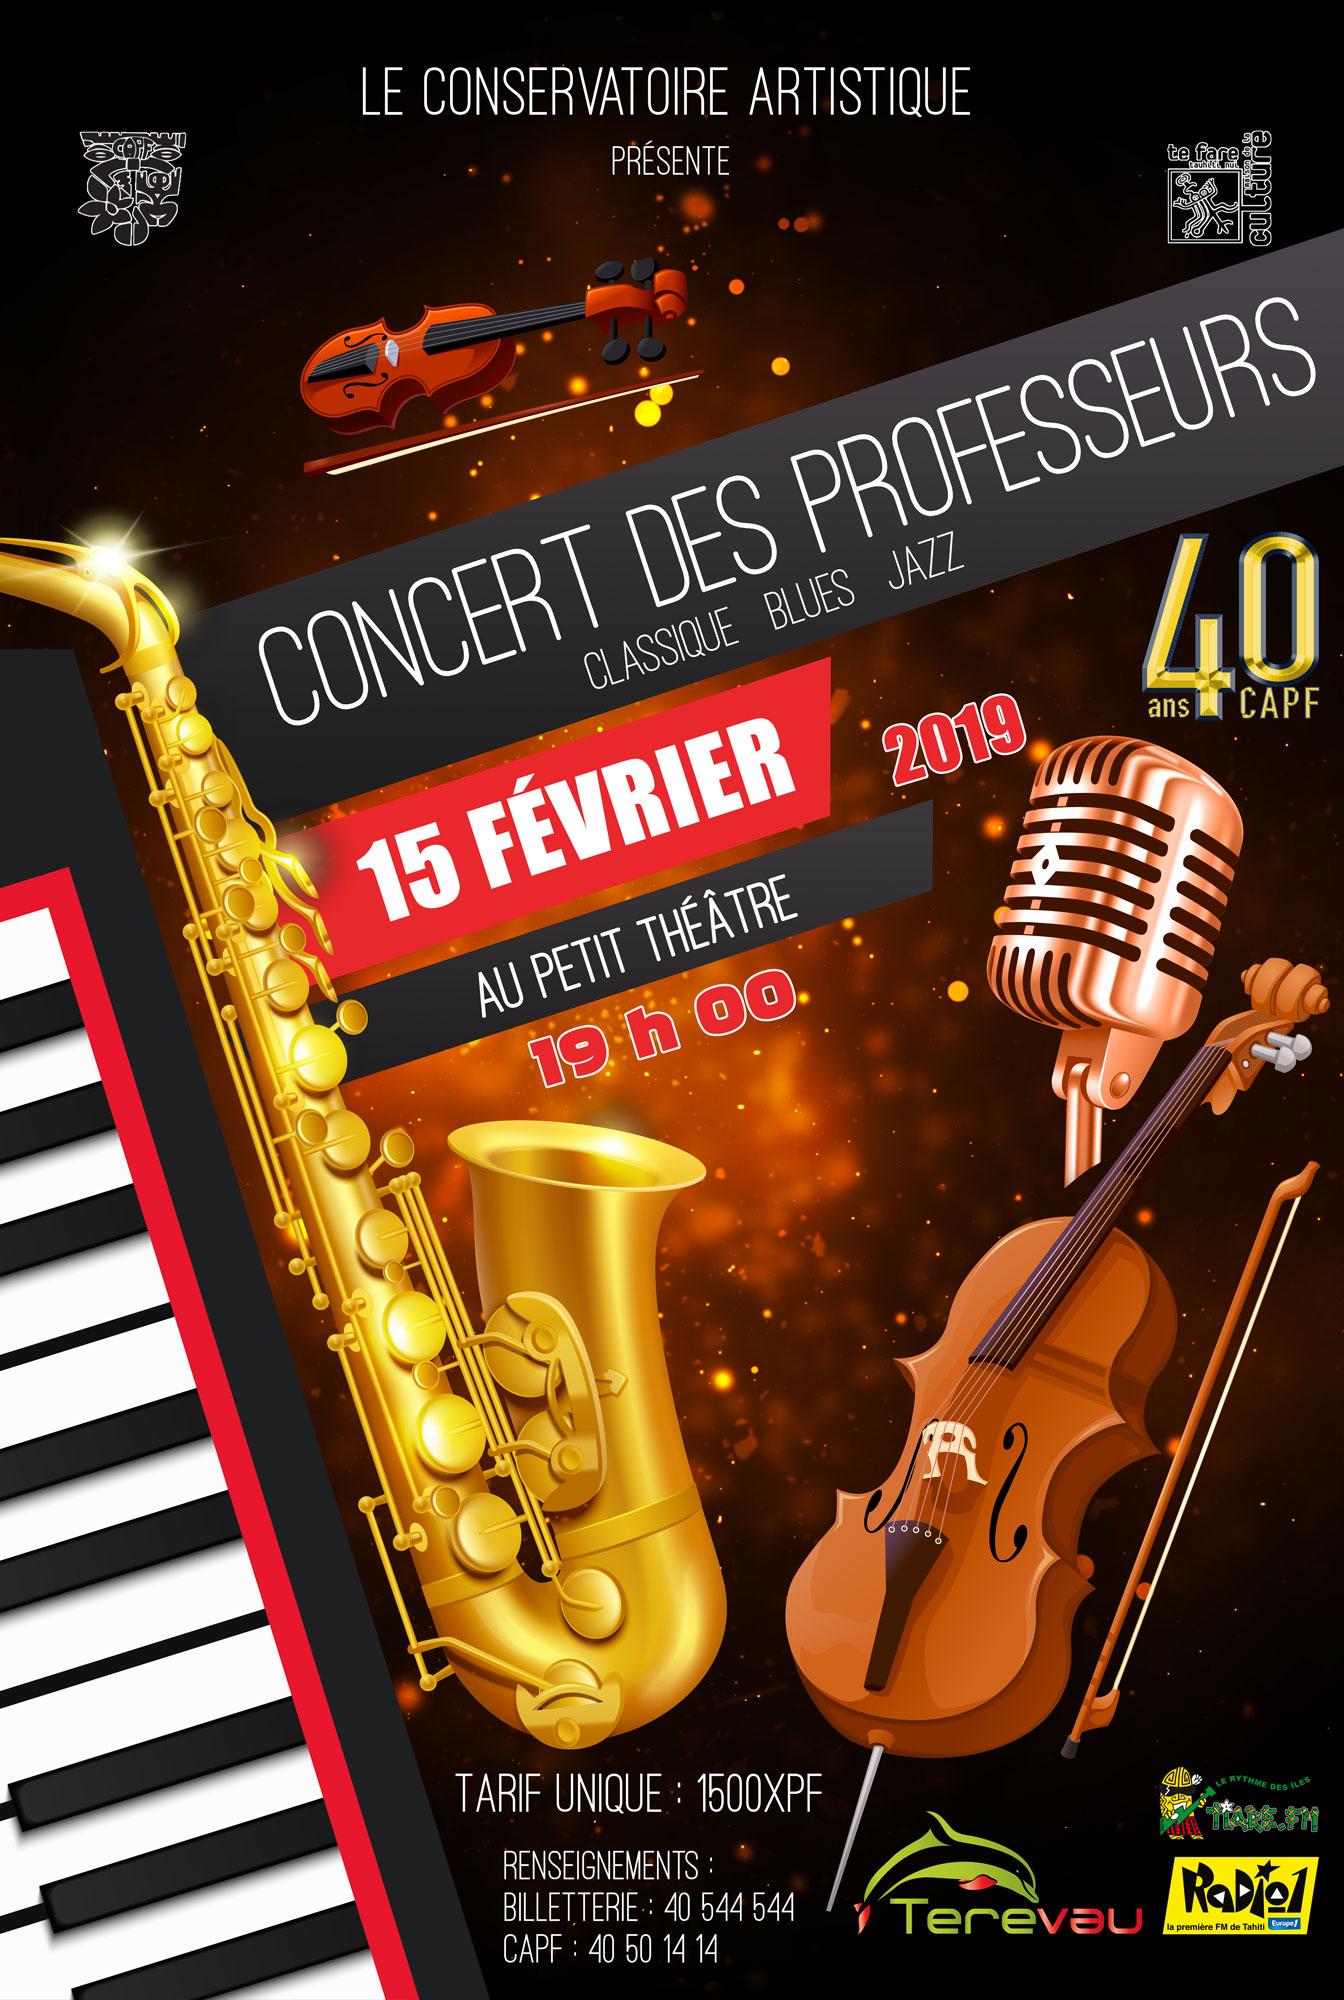 Les professeurs de musique du conservatoire sur scène le 15 février